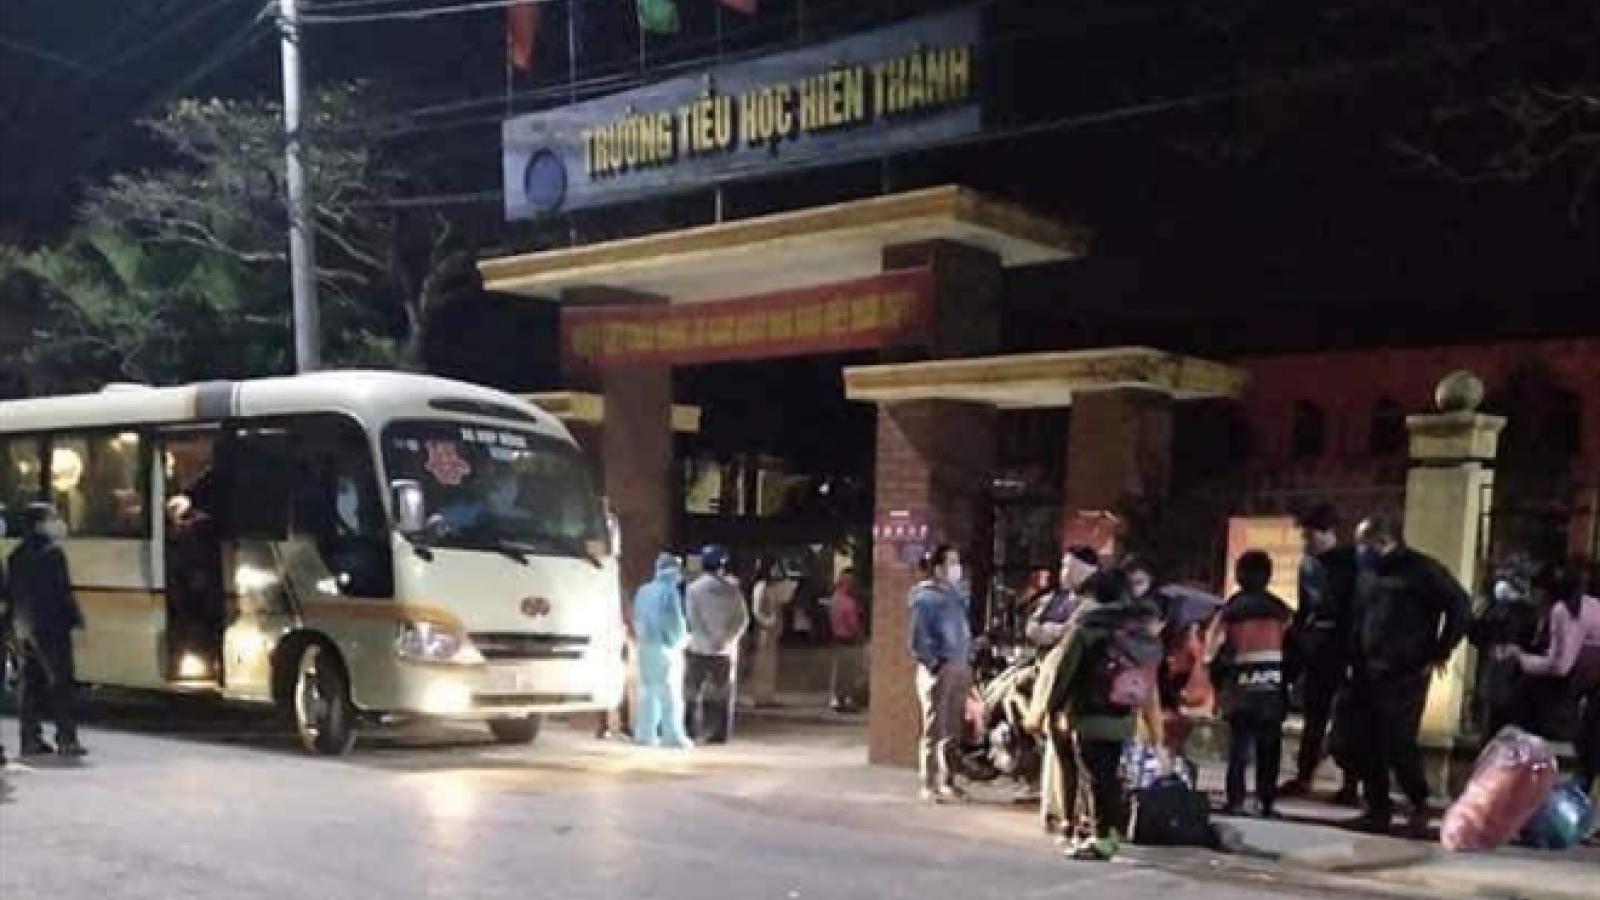 Chuyến xe trong đêm đưa 67 trẻ tiểu học ở Hải Dương đi cách ly ngày giáp Tết